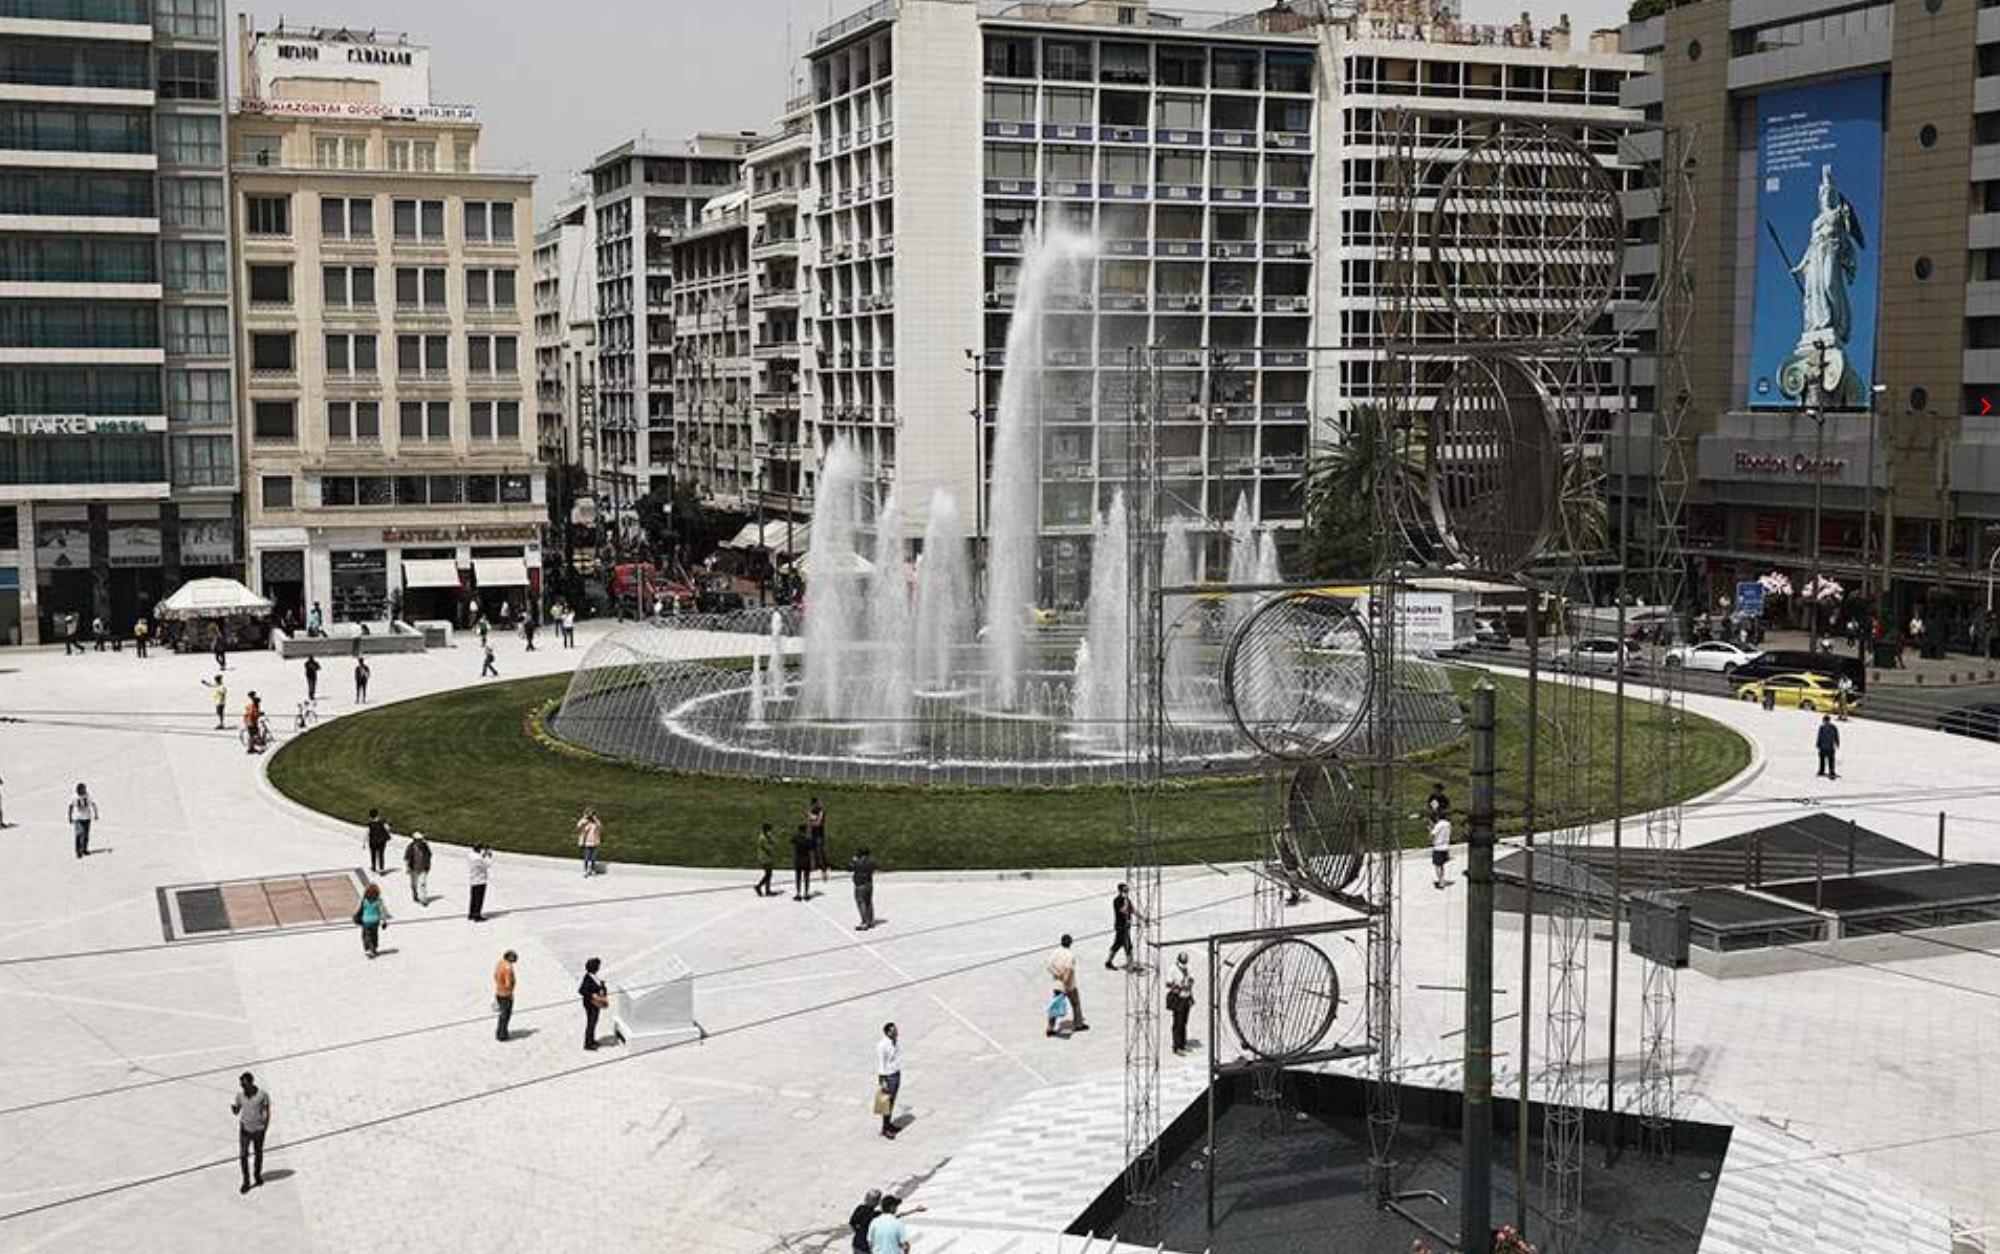 Πώς σχεδιάζεται η πόλη;